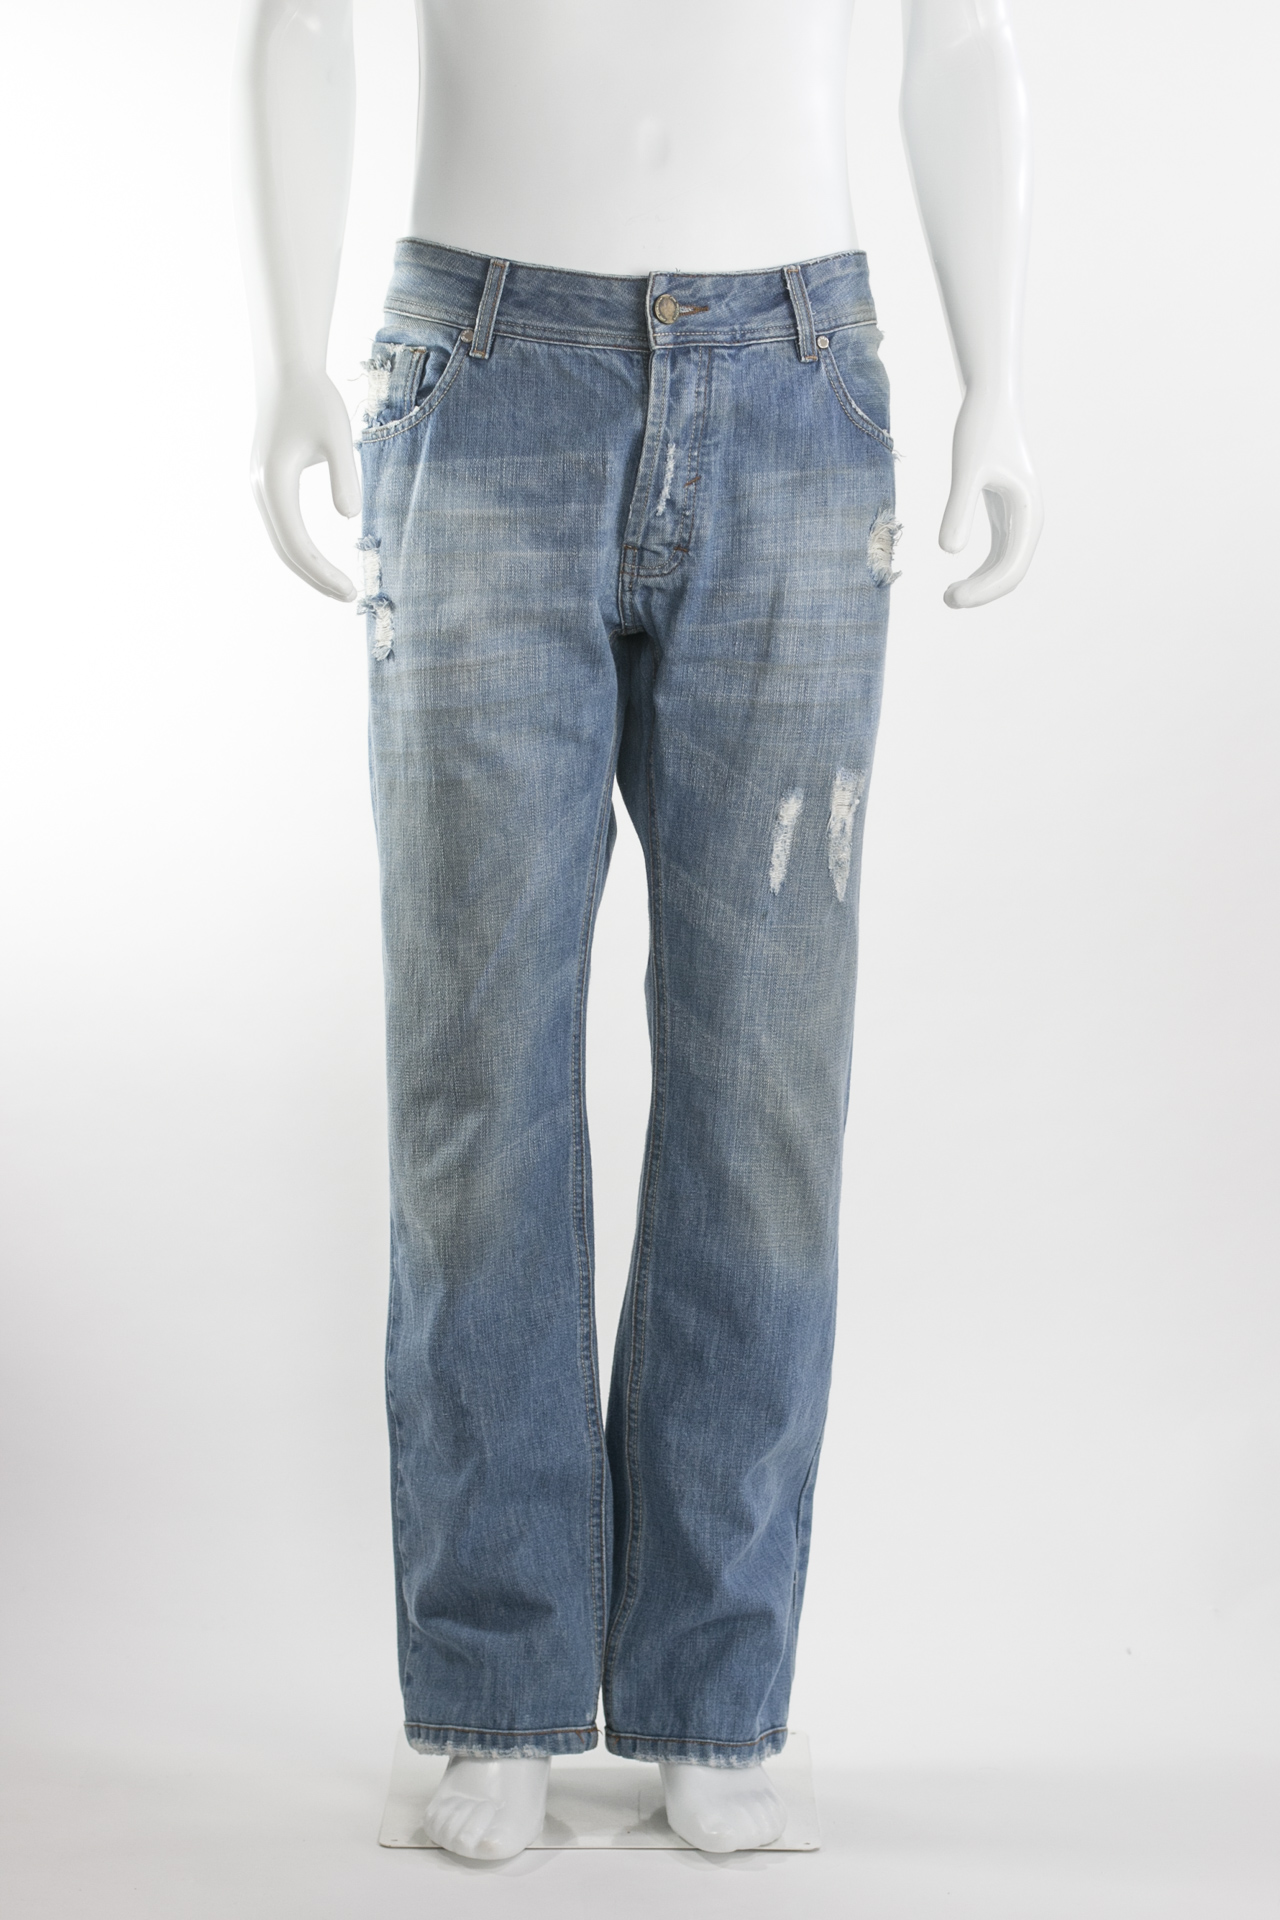 9961aa22a JOHN JOHN - Calça jeans masculina - Brechó Agora é Meu!